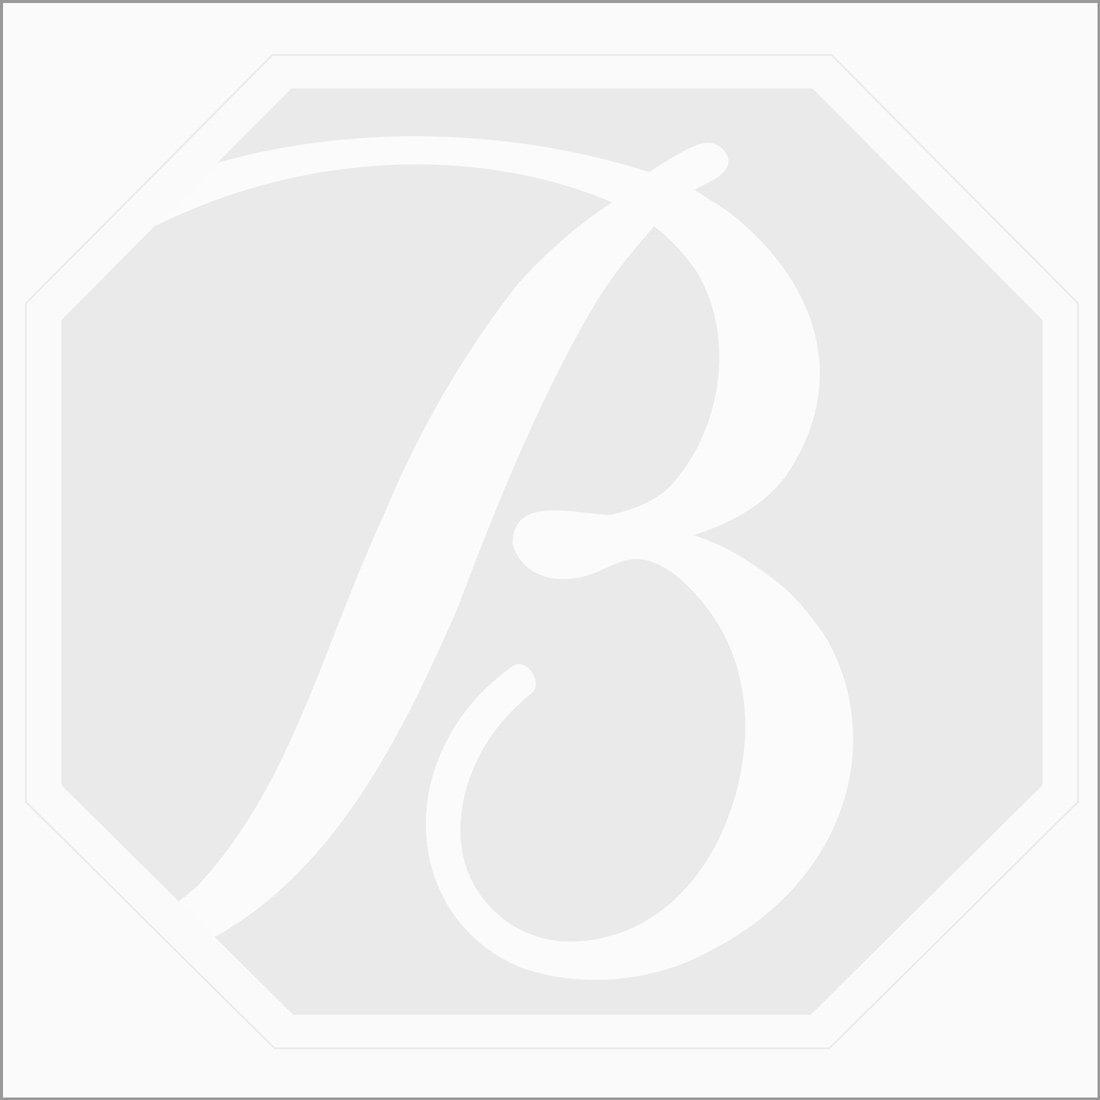 2 Pcs - Dark Green Tourmaline Rose Cuts - 8.43 ct. - 12.7 x 10 x 4.4 mm & 12 x 9.5 x 4 mm (TRC1047)